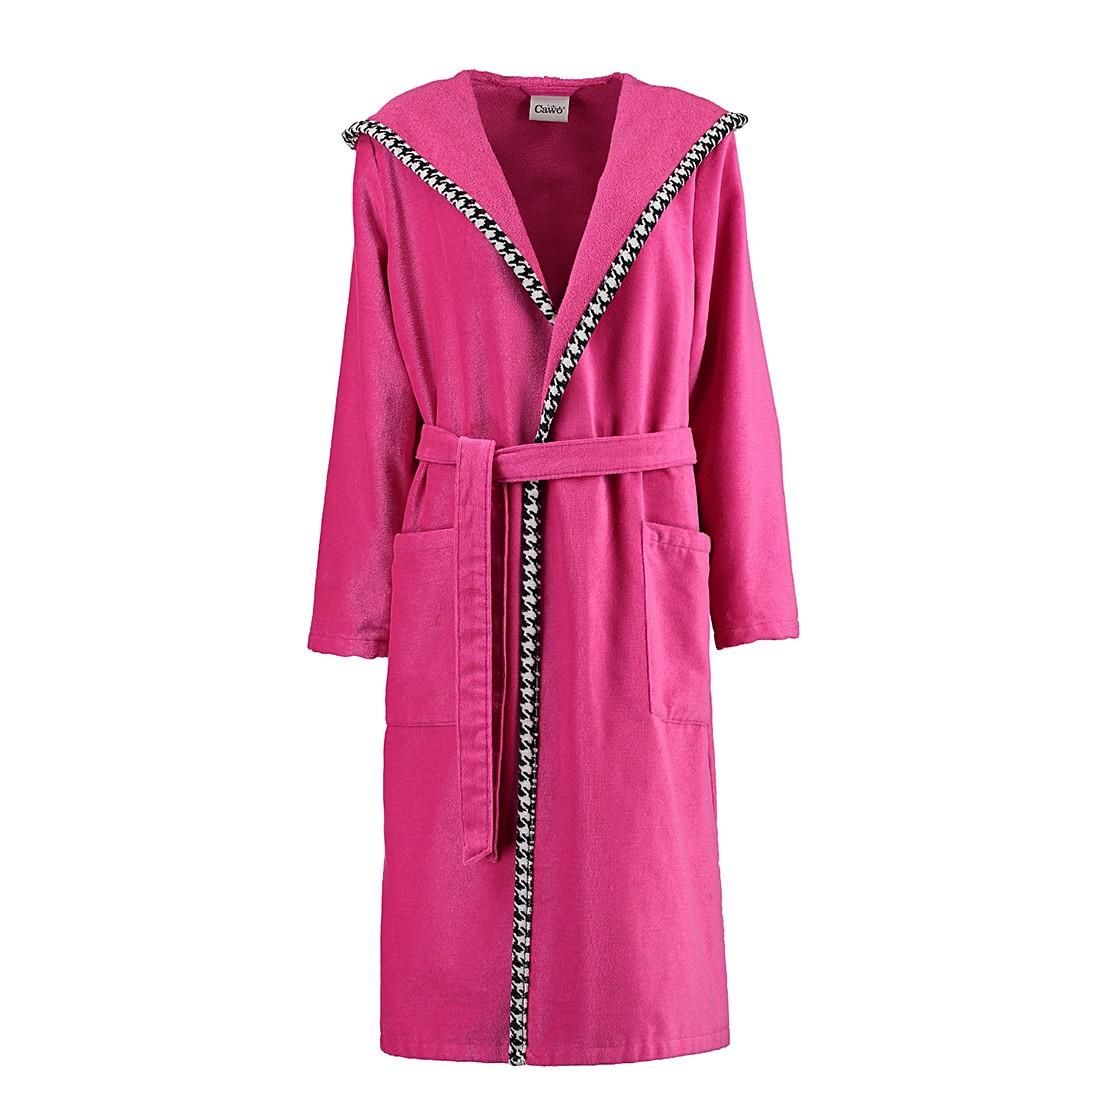 Bademäntel Damen Velours Black&White 1484 – Baumwolle – Pink – S, Cawö günstig online kaufen